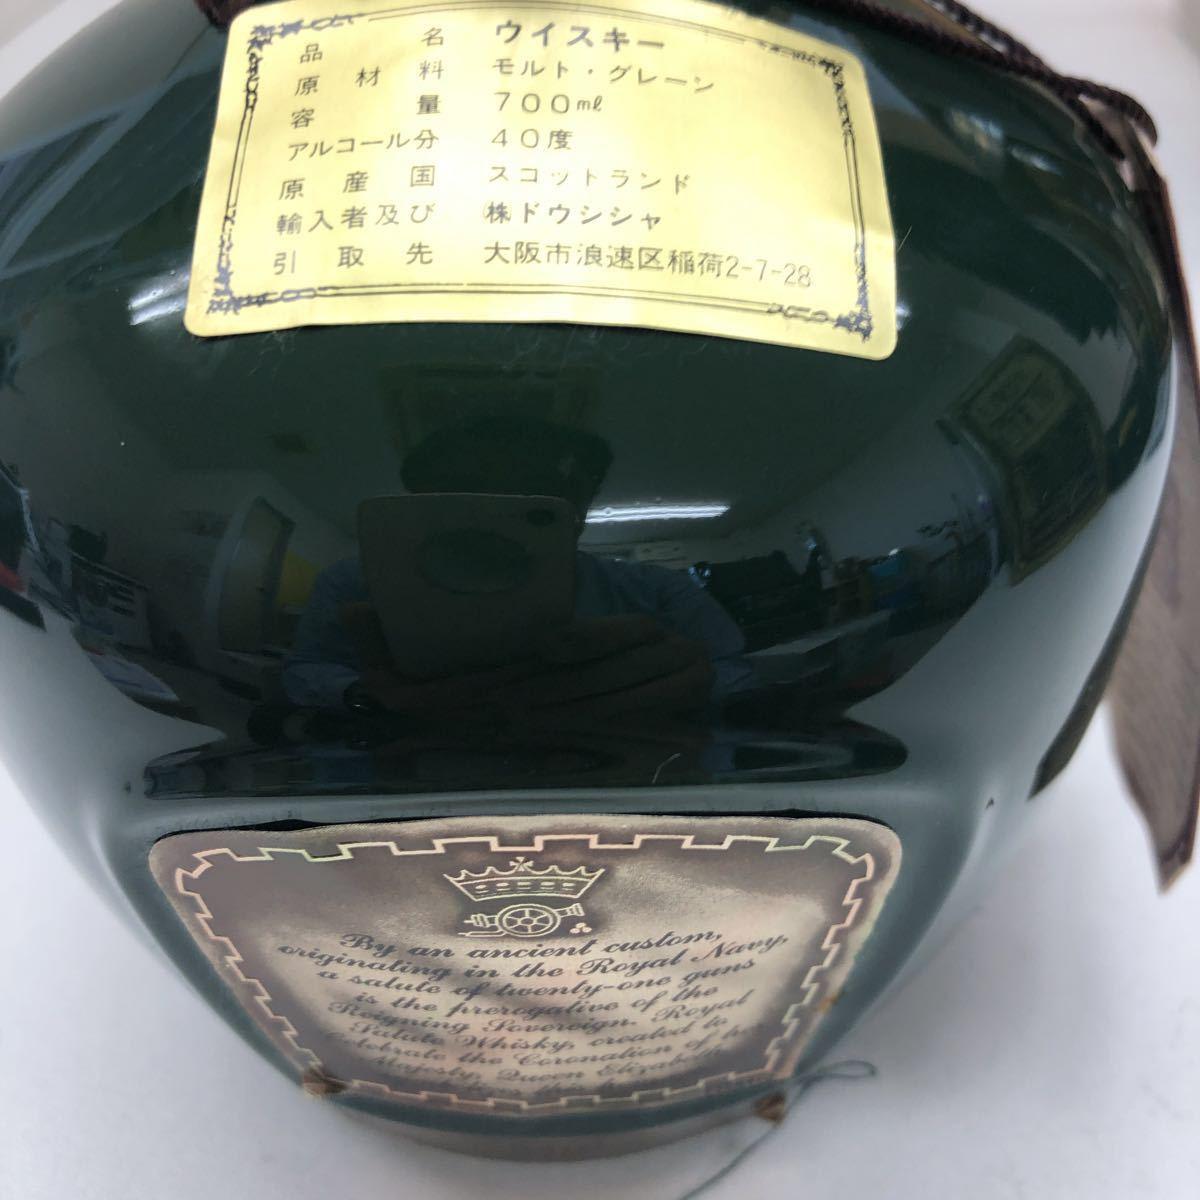 【未開封】CHIVAS BROTHERS ROYAL SALUTE 陶器ボトル1307g 700ml 40%/CHIVAS REGAL 12年 750ml 43% 計2本 外箱付き_画像4